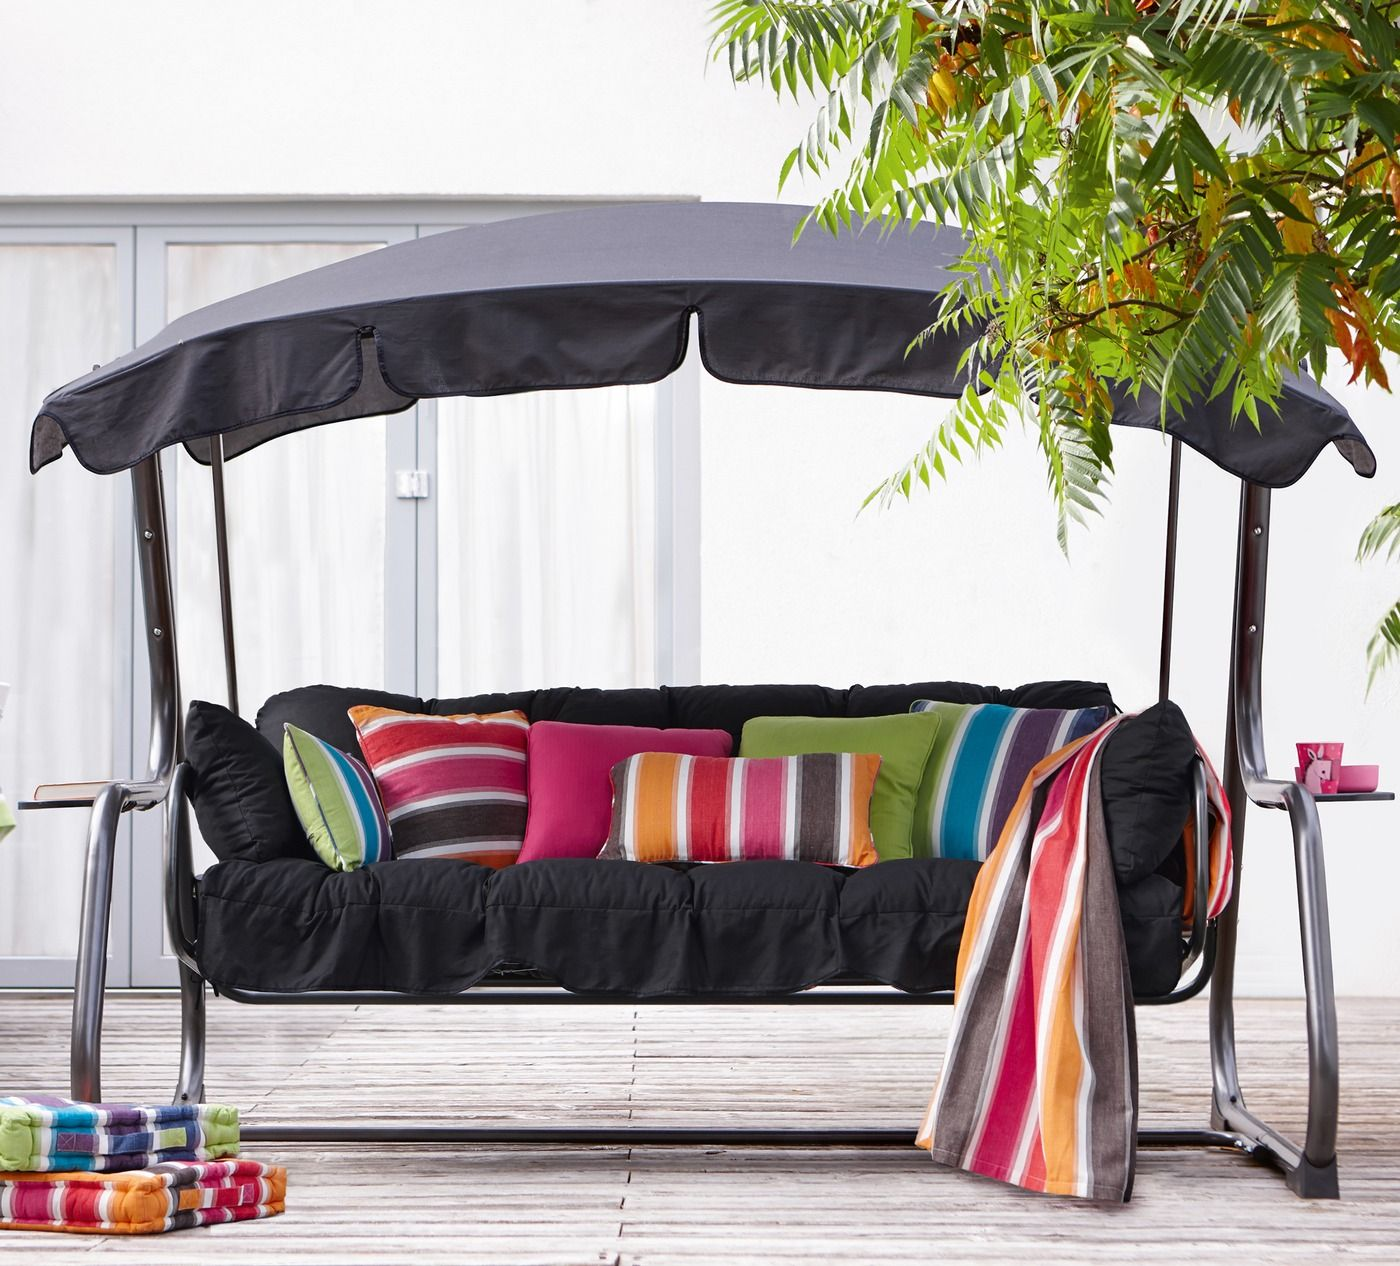 hollywoodschaukel ravenna grau hollywoodschaukel familien und sonstige zubeh r. Black Bedroom Furniture Sets. Home Design Ideas